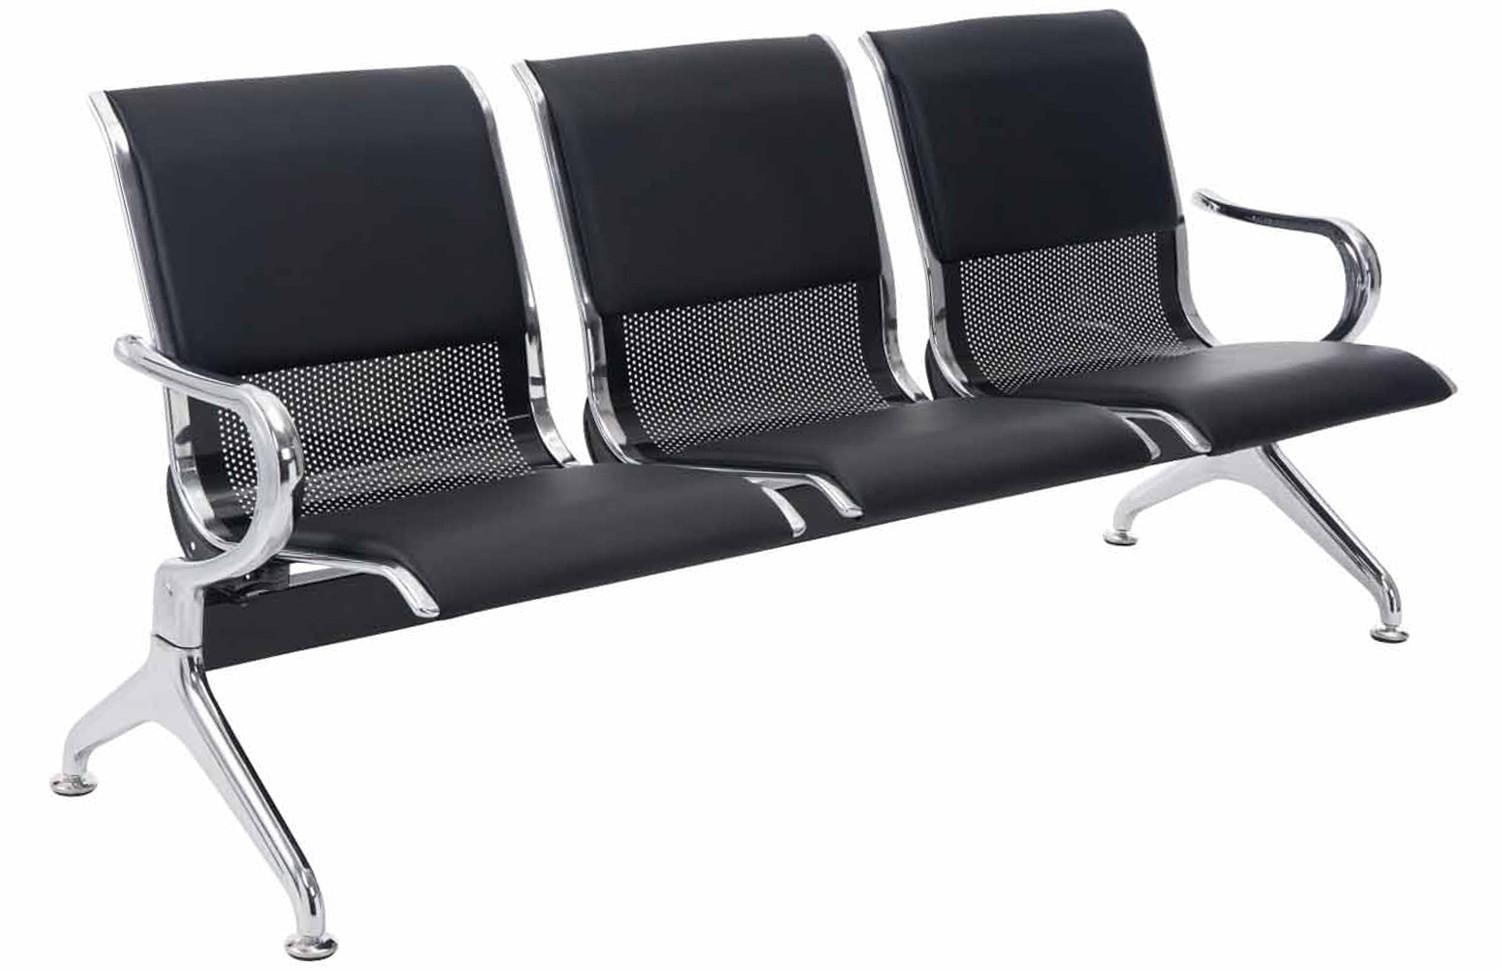 Banc de salle et zone d'attente / Chaises sur poutre Airport